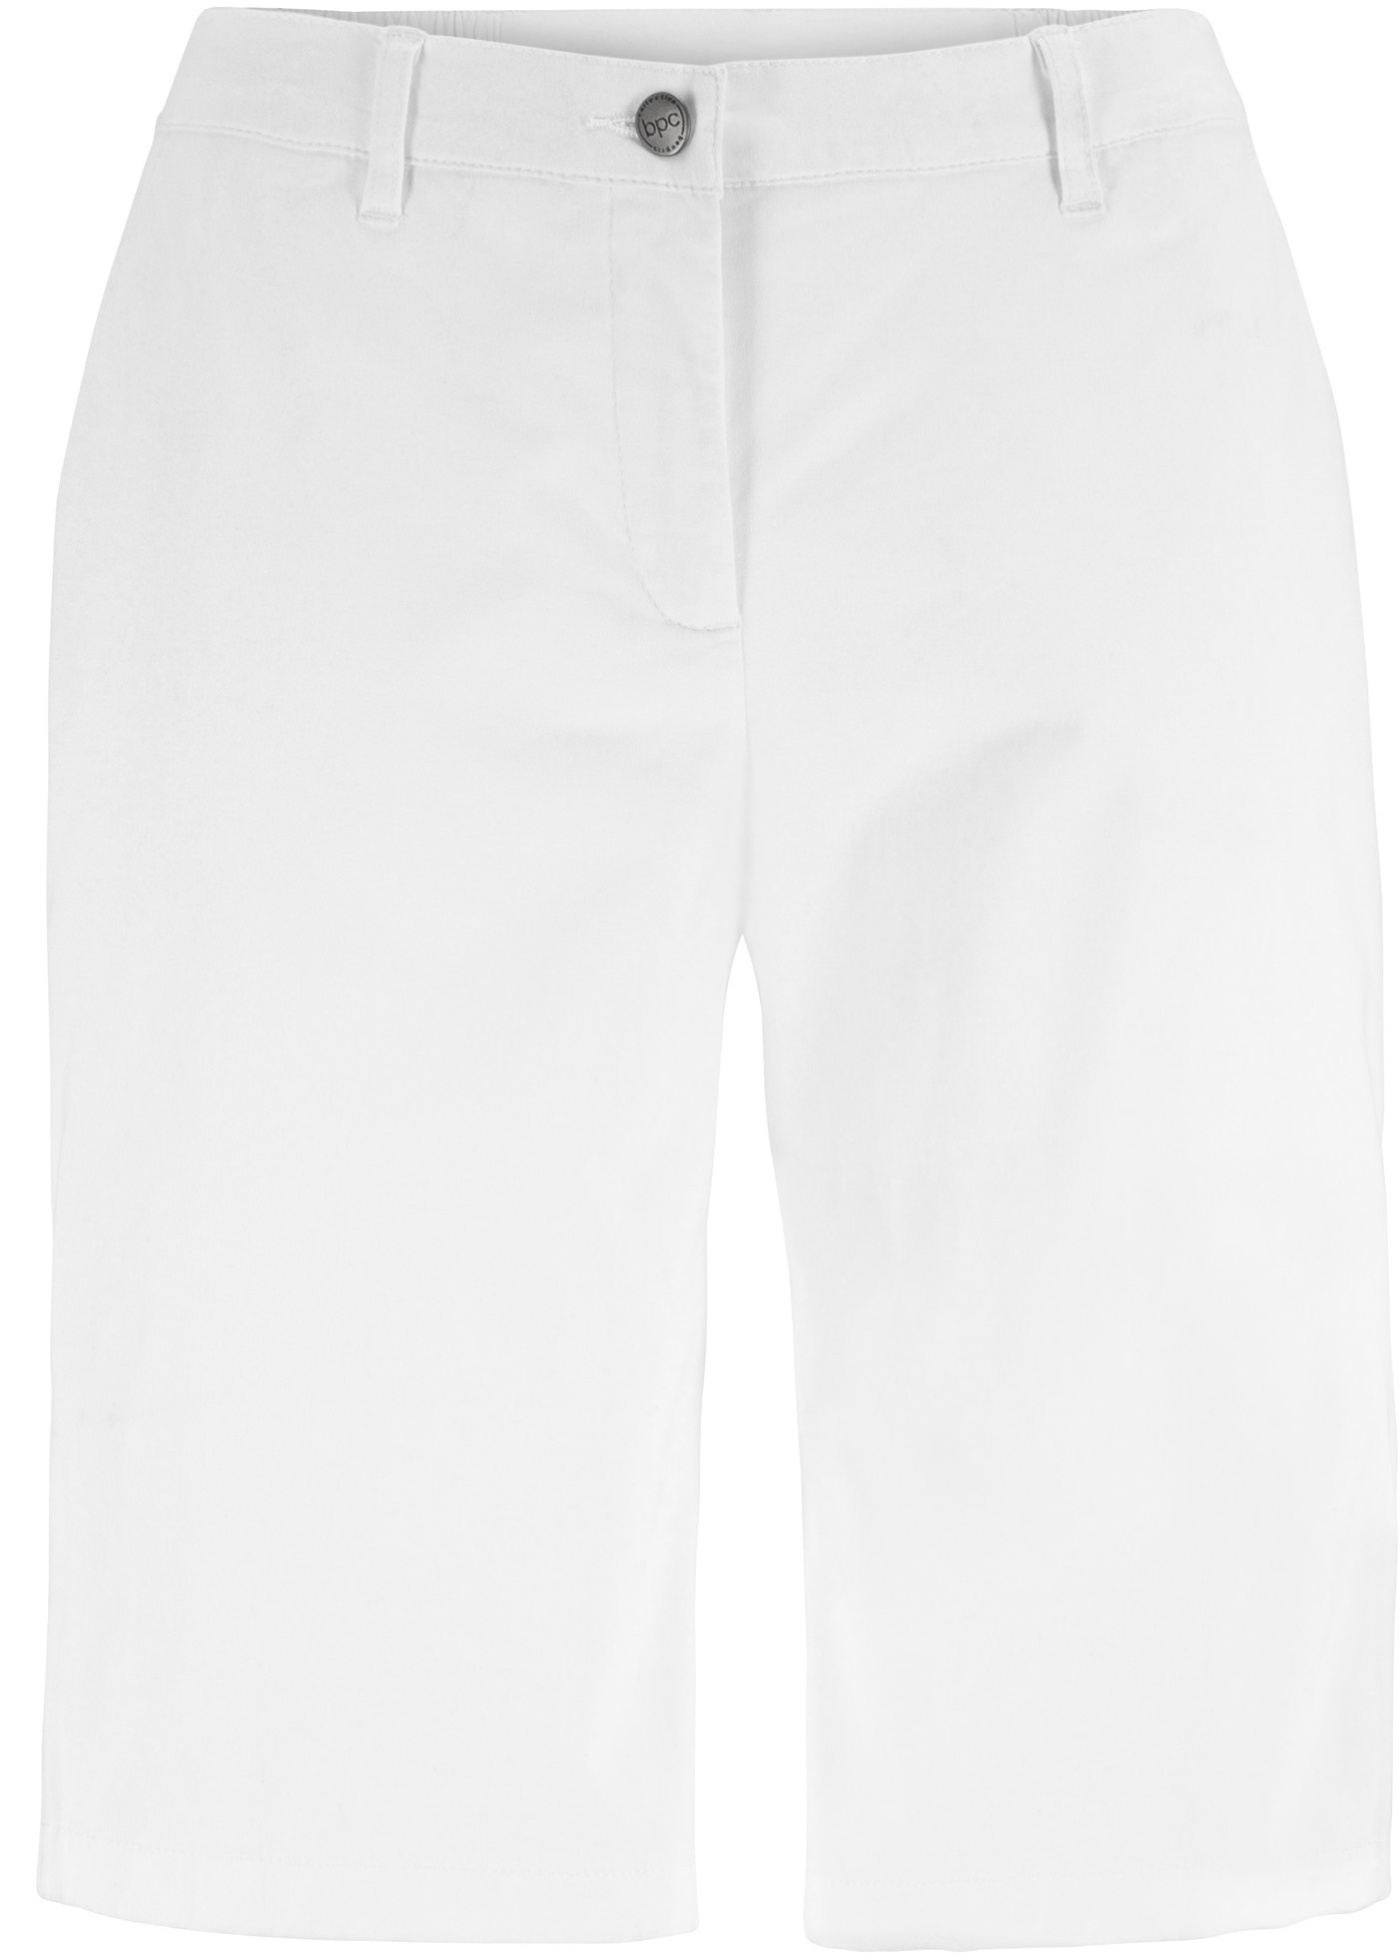 Bermuda-Short mit Komfortbund in weiß für Damen von bonprix